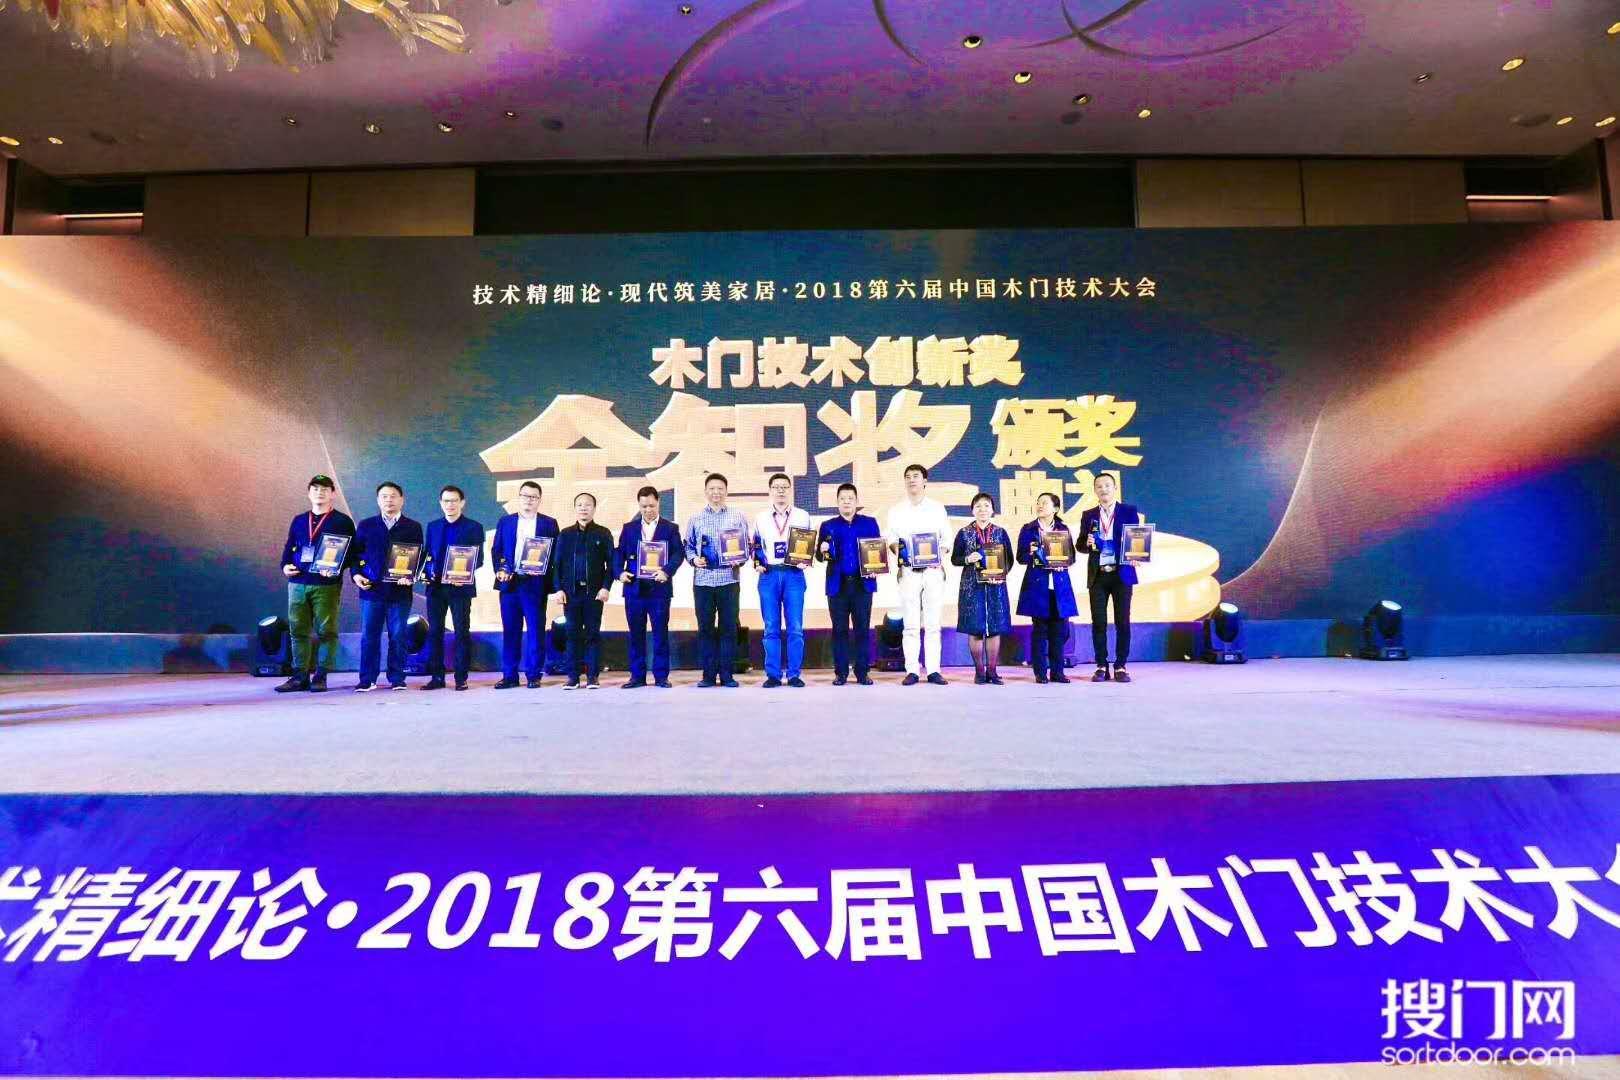 """第六届中国木门技术大会""""金智奖""""颁发,霍尔茨木门再获殊荣"""